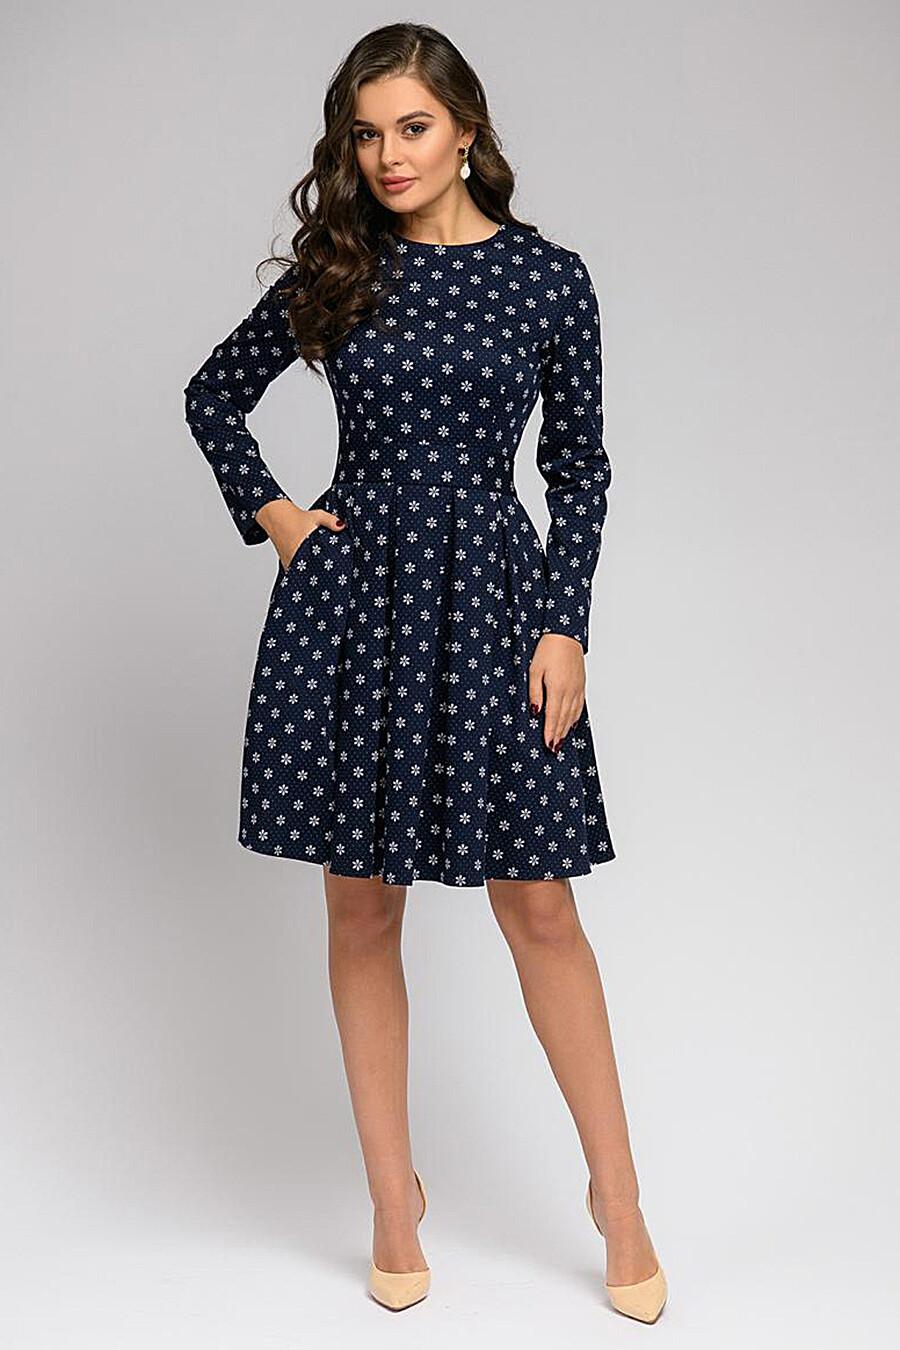 Платье для женщин 1001 DRESS 169261 купить оптом от производителя. Совместная покупка женской одежды в OptMoyo